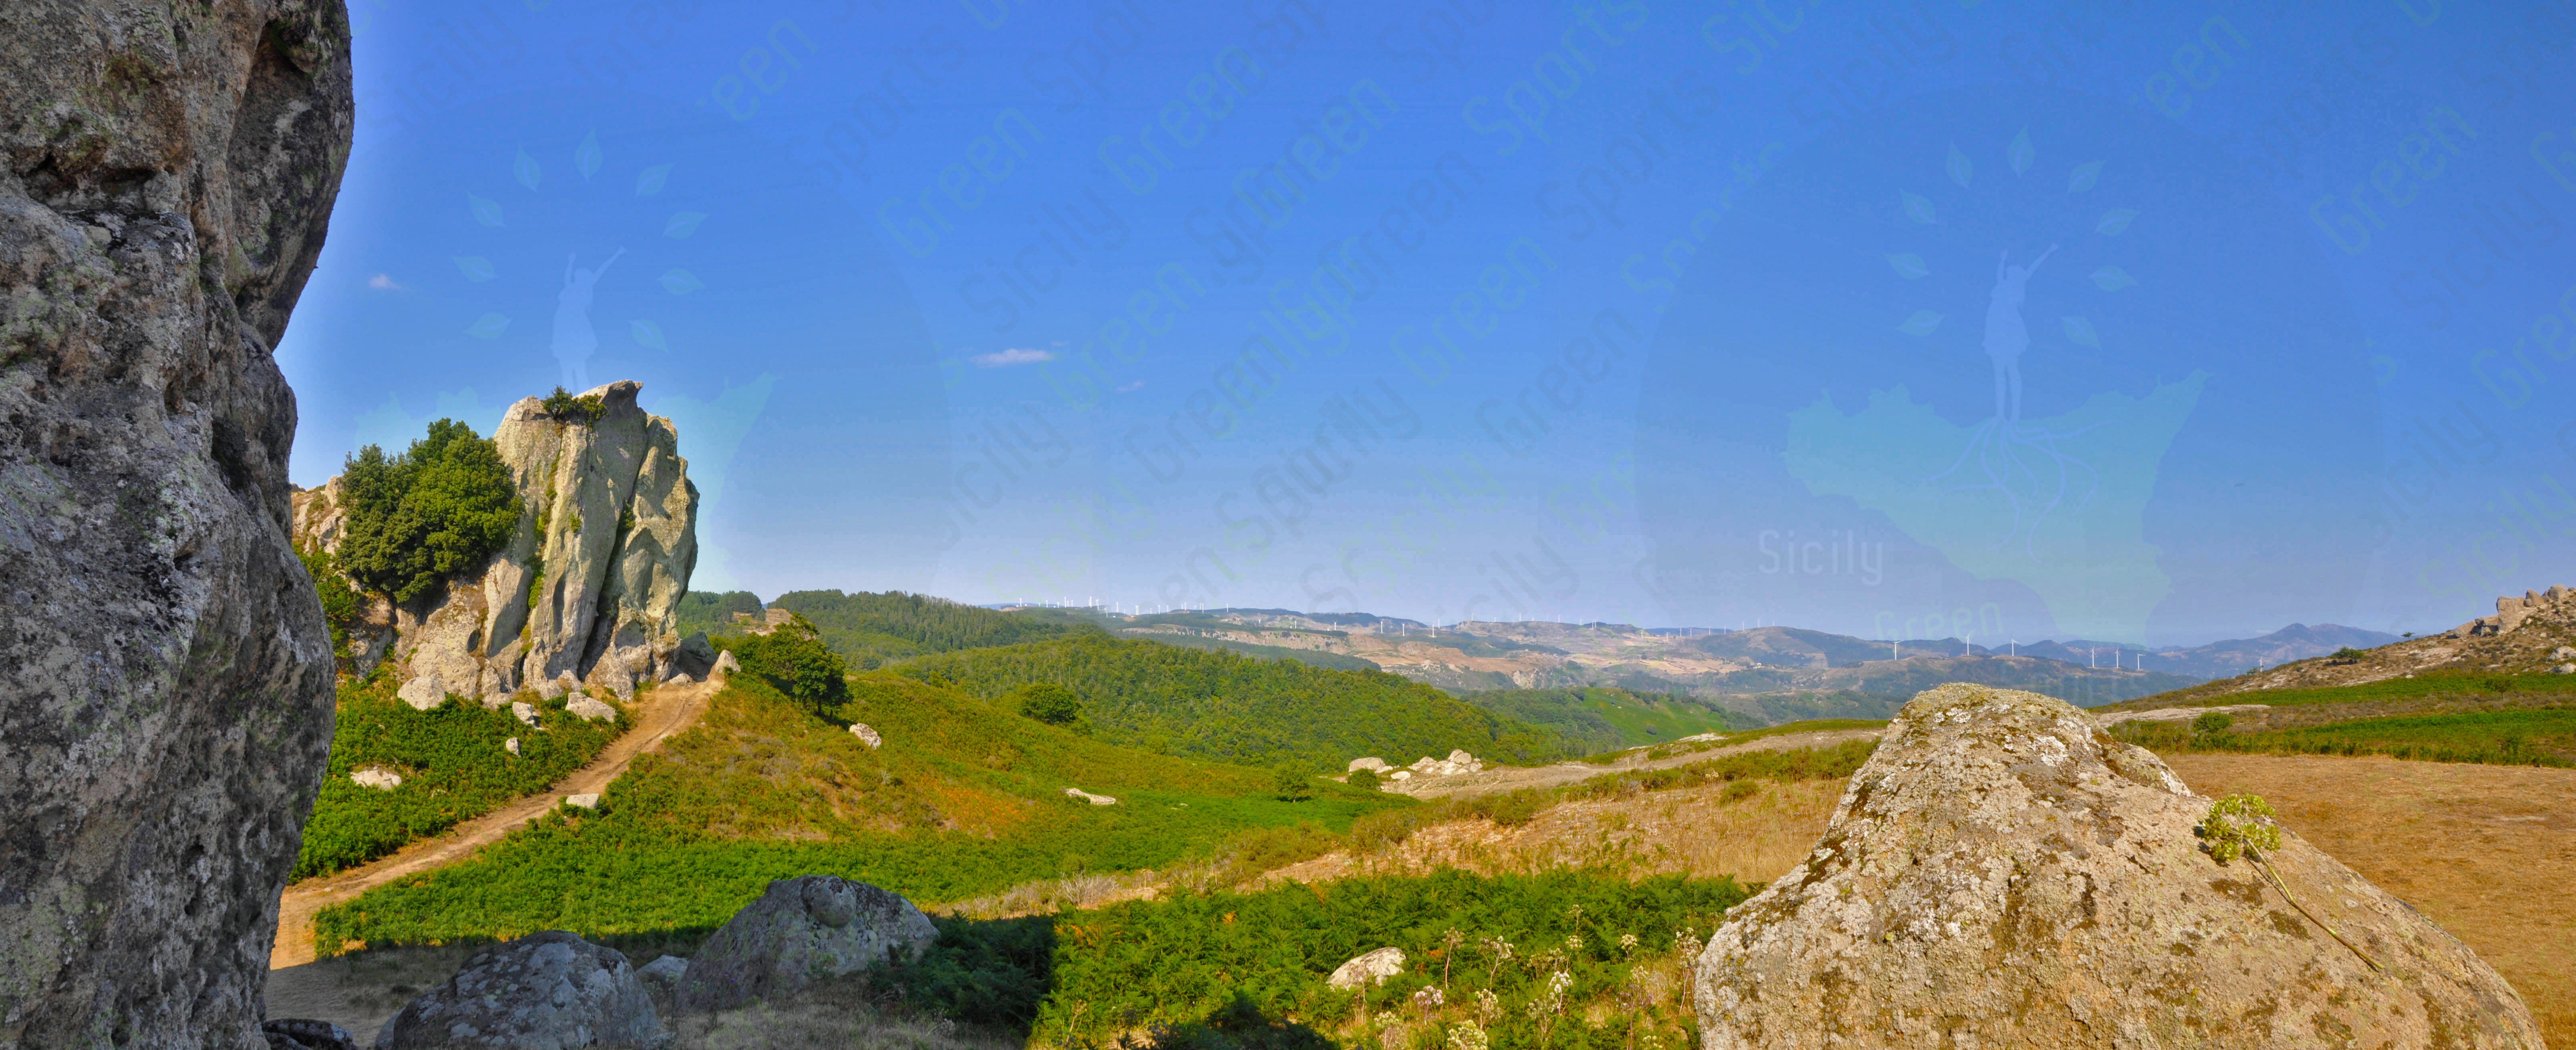 panoramica 2 mod